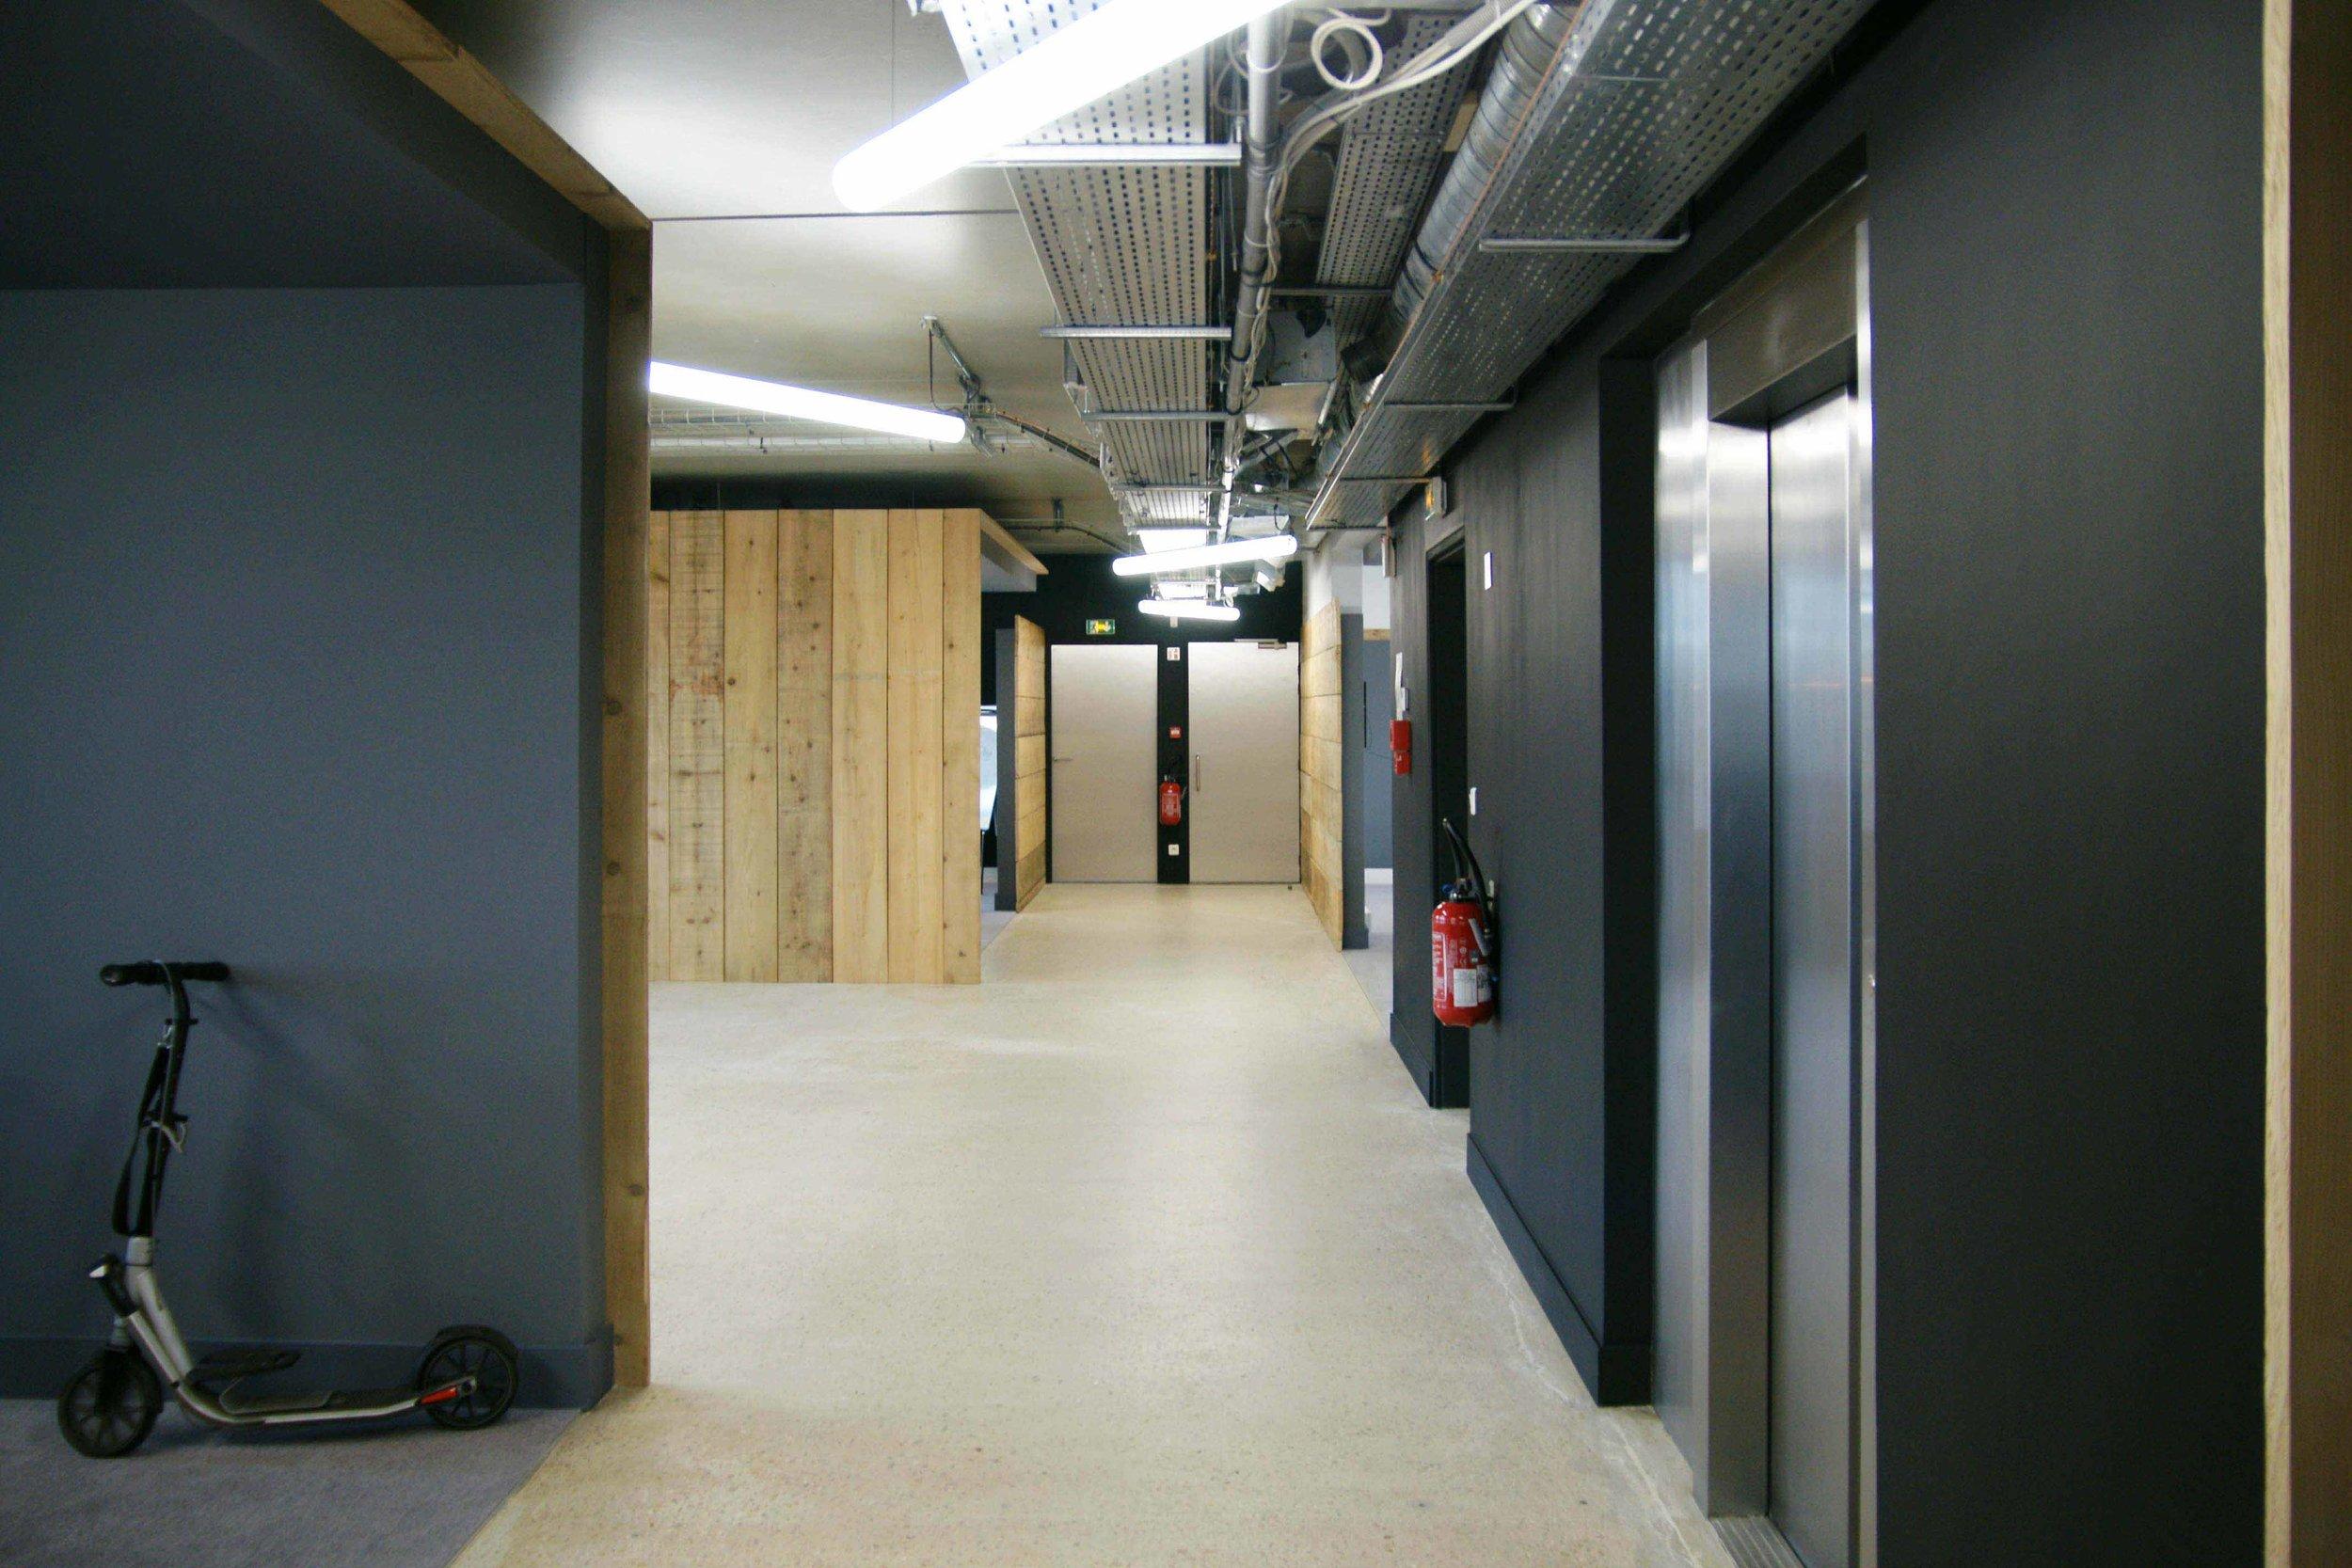 Venteprivee.com ar studio d'architectures granjon vente privee.jpg (2).jpg